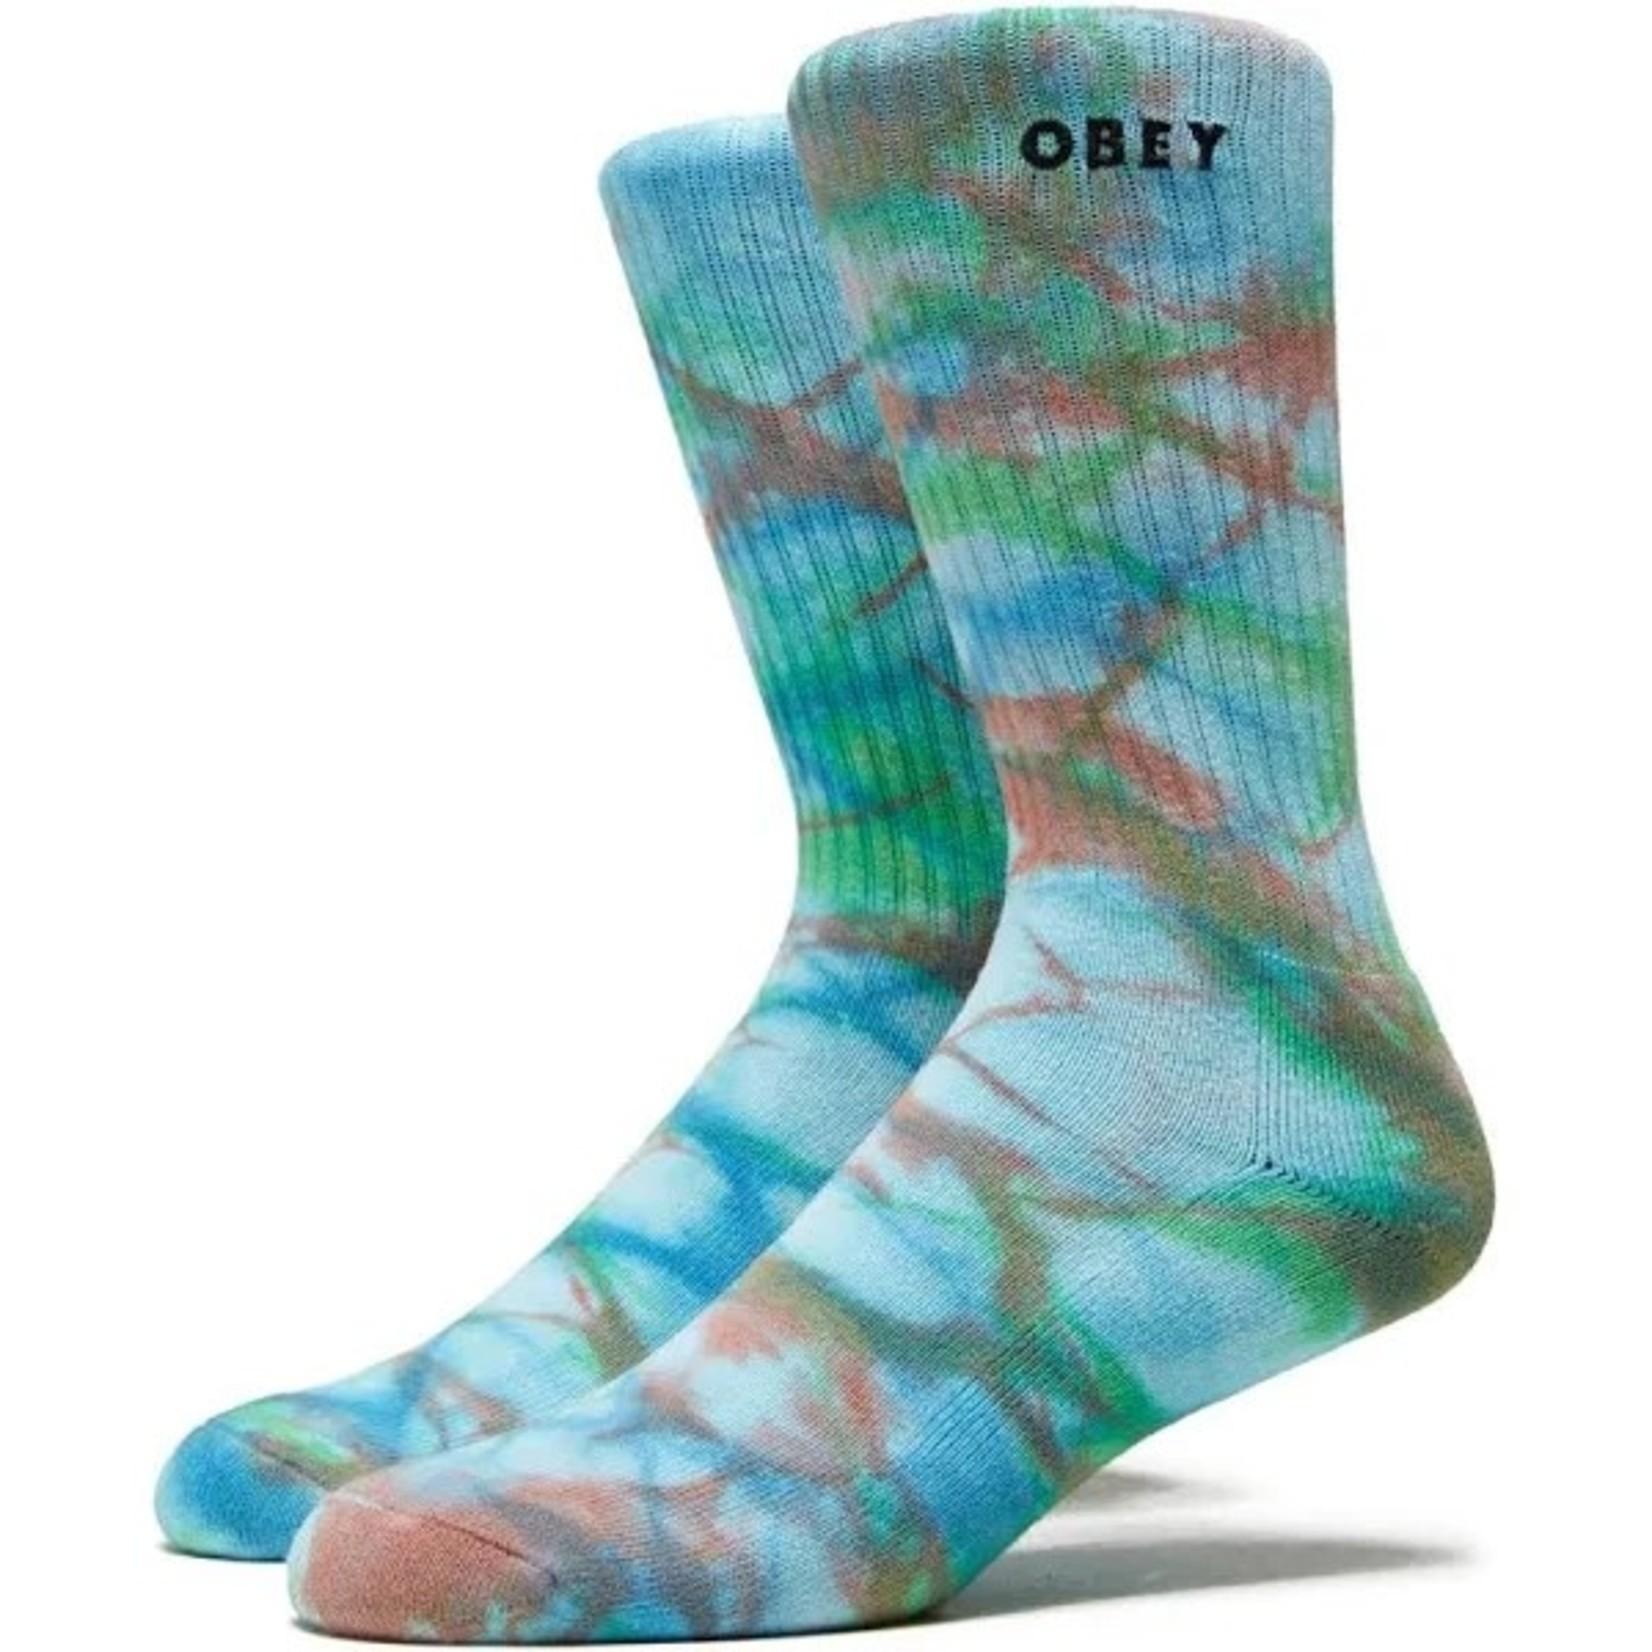 Obey Obey Mountain Socks